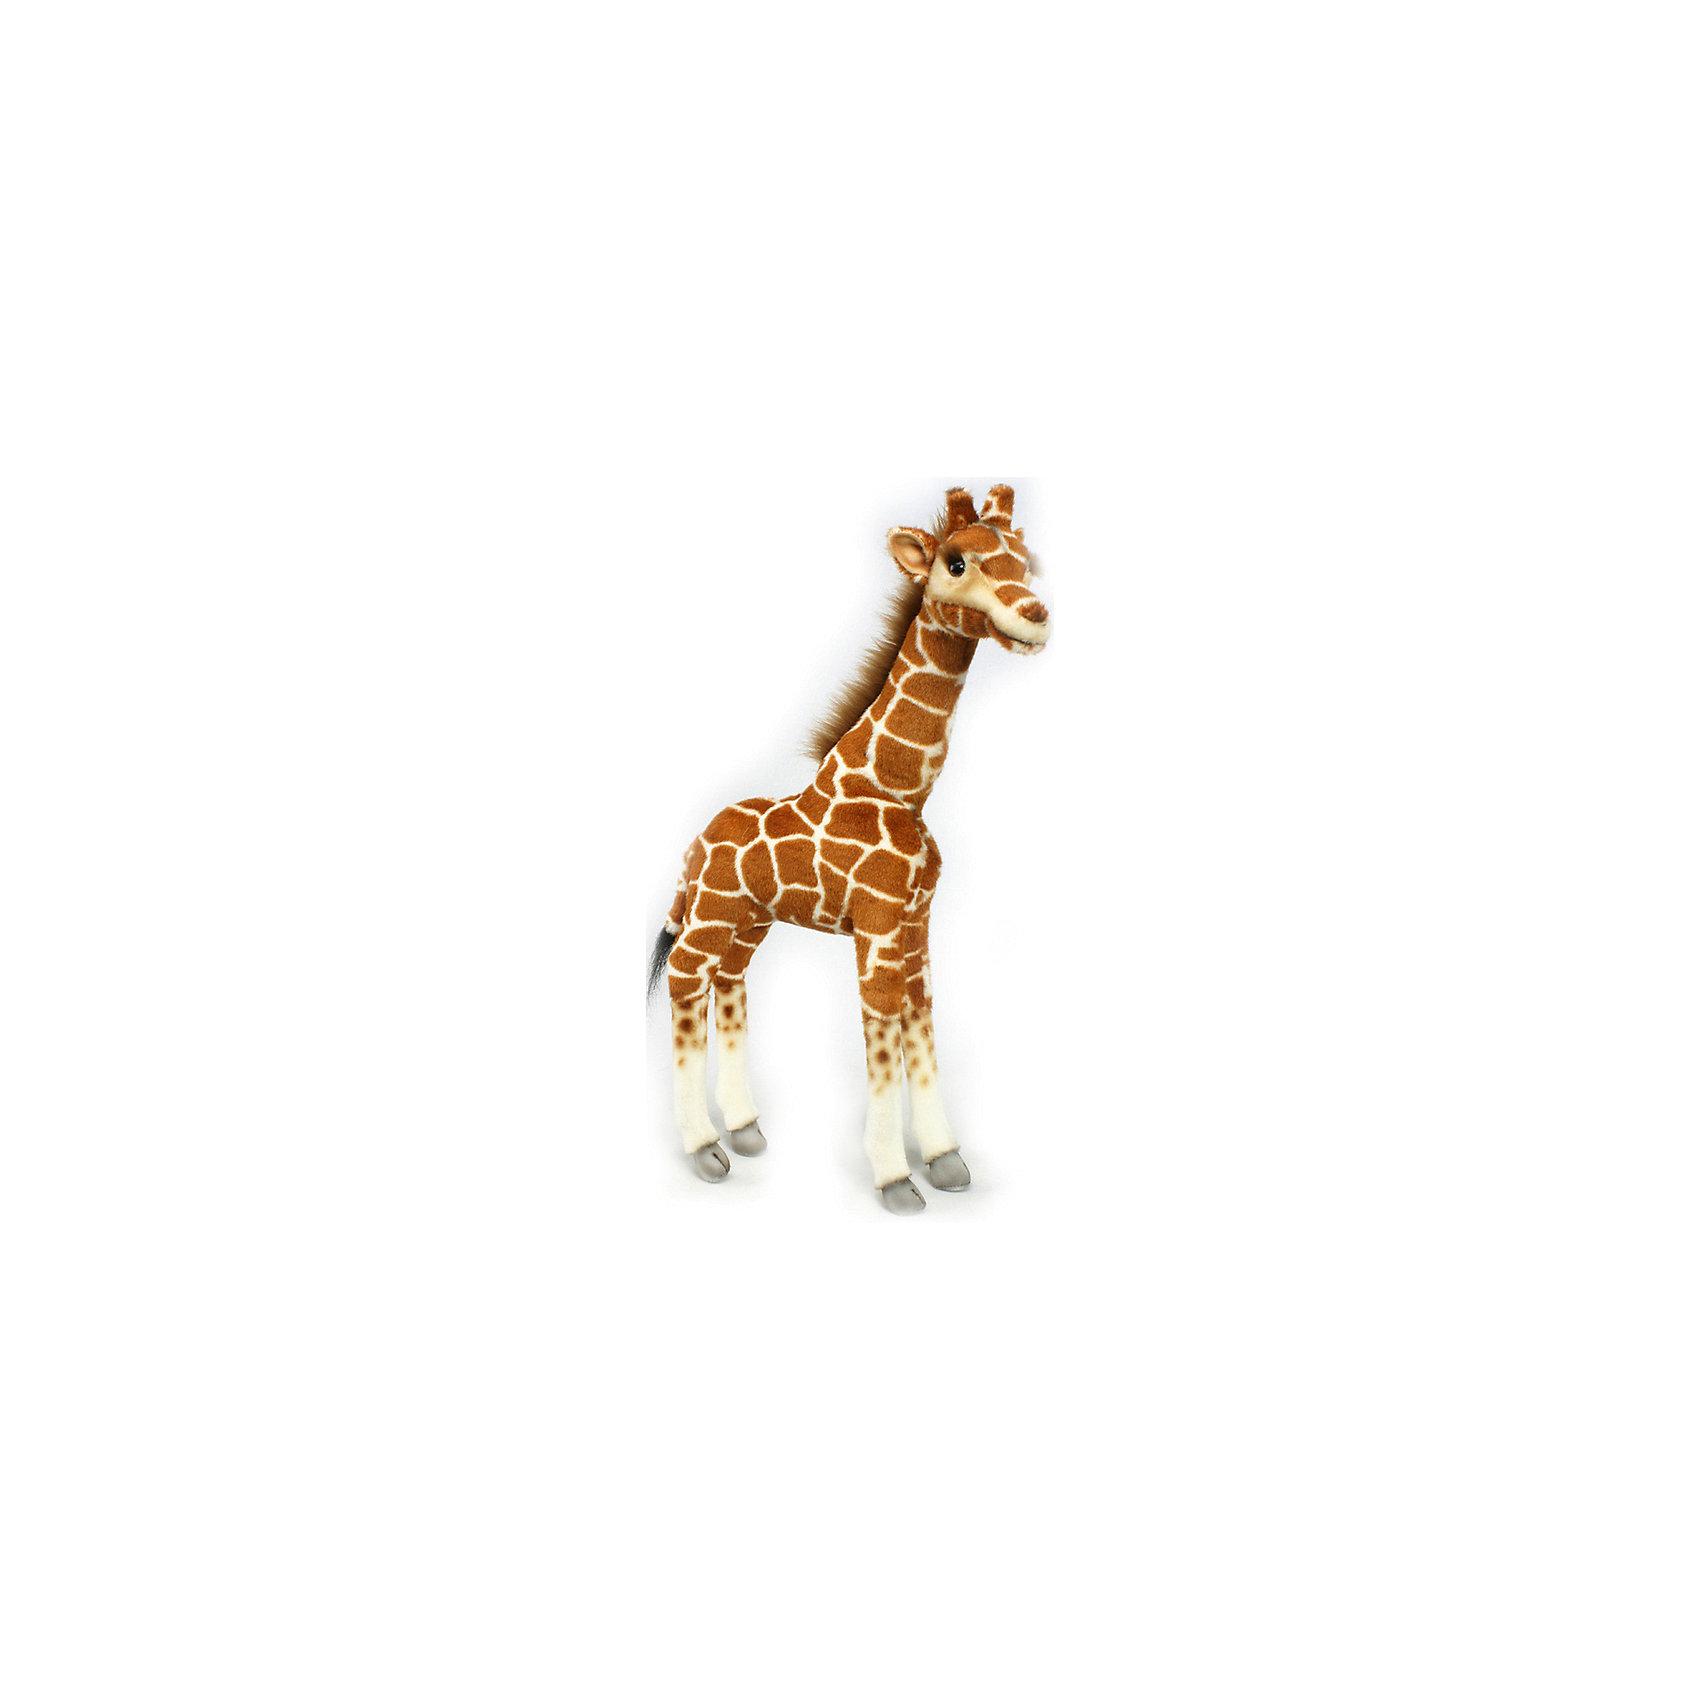 Жираф, 50 смЗвери и птицы<br>Жираф, 50 см – игрушка от знаменитого бренда Hansa, специализирующегося на выпуске мягких игрушек с высокой степенью натуралистичности. Внешний вид игрушечного жирафа полностью соответствует своему реальному прототипу. Он выполнен из искусственного меха с коротким ворсом характерного окраса. Использованные материалы обладают гипоаллергенными свойствами. Внутри игрушки имеется металлический каркас, позволяющий изменять положение. <br>Игрушка относится к серии Дикие животные. <br>Мягкие игрушки от Hansa подходят для сюжетно-ролевых игр, для обучающих игр, направленных на знакомство с животным миром дикой природы. Кроме того, их можно использовать в качестве интерьерных игрушек. Коллекция из нескольких игрушек позволяет создать свой домашний зоопарк, который будет радовать вашего ребенка долгое время, так как ручная работа и качественные материалы гарантируют их долговечность и прочность.<br><br>Дополнительная информация:<br><br>- Вид игр: сюжетно-ролевые игры, коллекционирование, интерьерные игрушки<br>- Предназначение: для дома, для детских развивающих центров, для детских садов<br>- Материал: искусственный мех, наполнитель ? полиэфирное волокно<br>- Размер (ДхШхВ): 35*50*10 см<br>- Вес: 780 г<br>- Особенности ухода: сухая чистка при помощи пылесоса или щетки для одежды<br><br>Подробнее:<br><br>• Для детей в возрасте: от 3 лет <br>• Страна производитель: Филиппины<br>• Торговый бренд: Hansa<br><br>Жирафа, 50 см можно купить в нашем интернет-магазине.<br><br>Ширина мм: 35<br>Глубина мм: 50<br>Высота мм: 10<br>Вес г: 780<br>Возраст от месяцев: 36<br>Возраст до месяцев: 2147483647<br>Пол: Унисекс<br>Возраст: Детский<br>SKU: 4927161